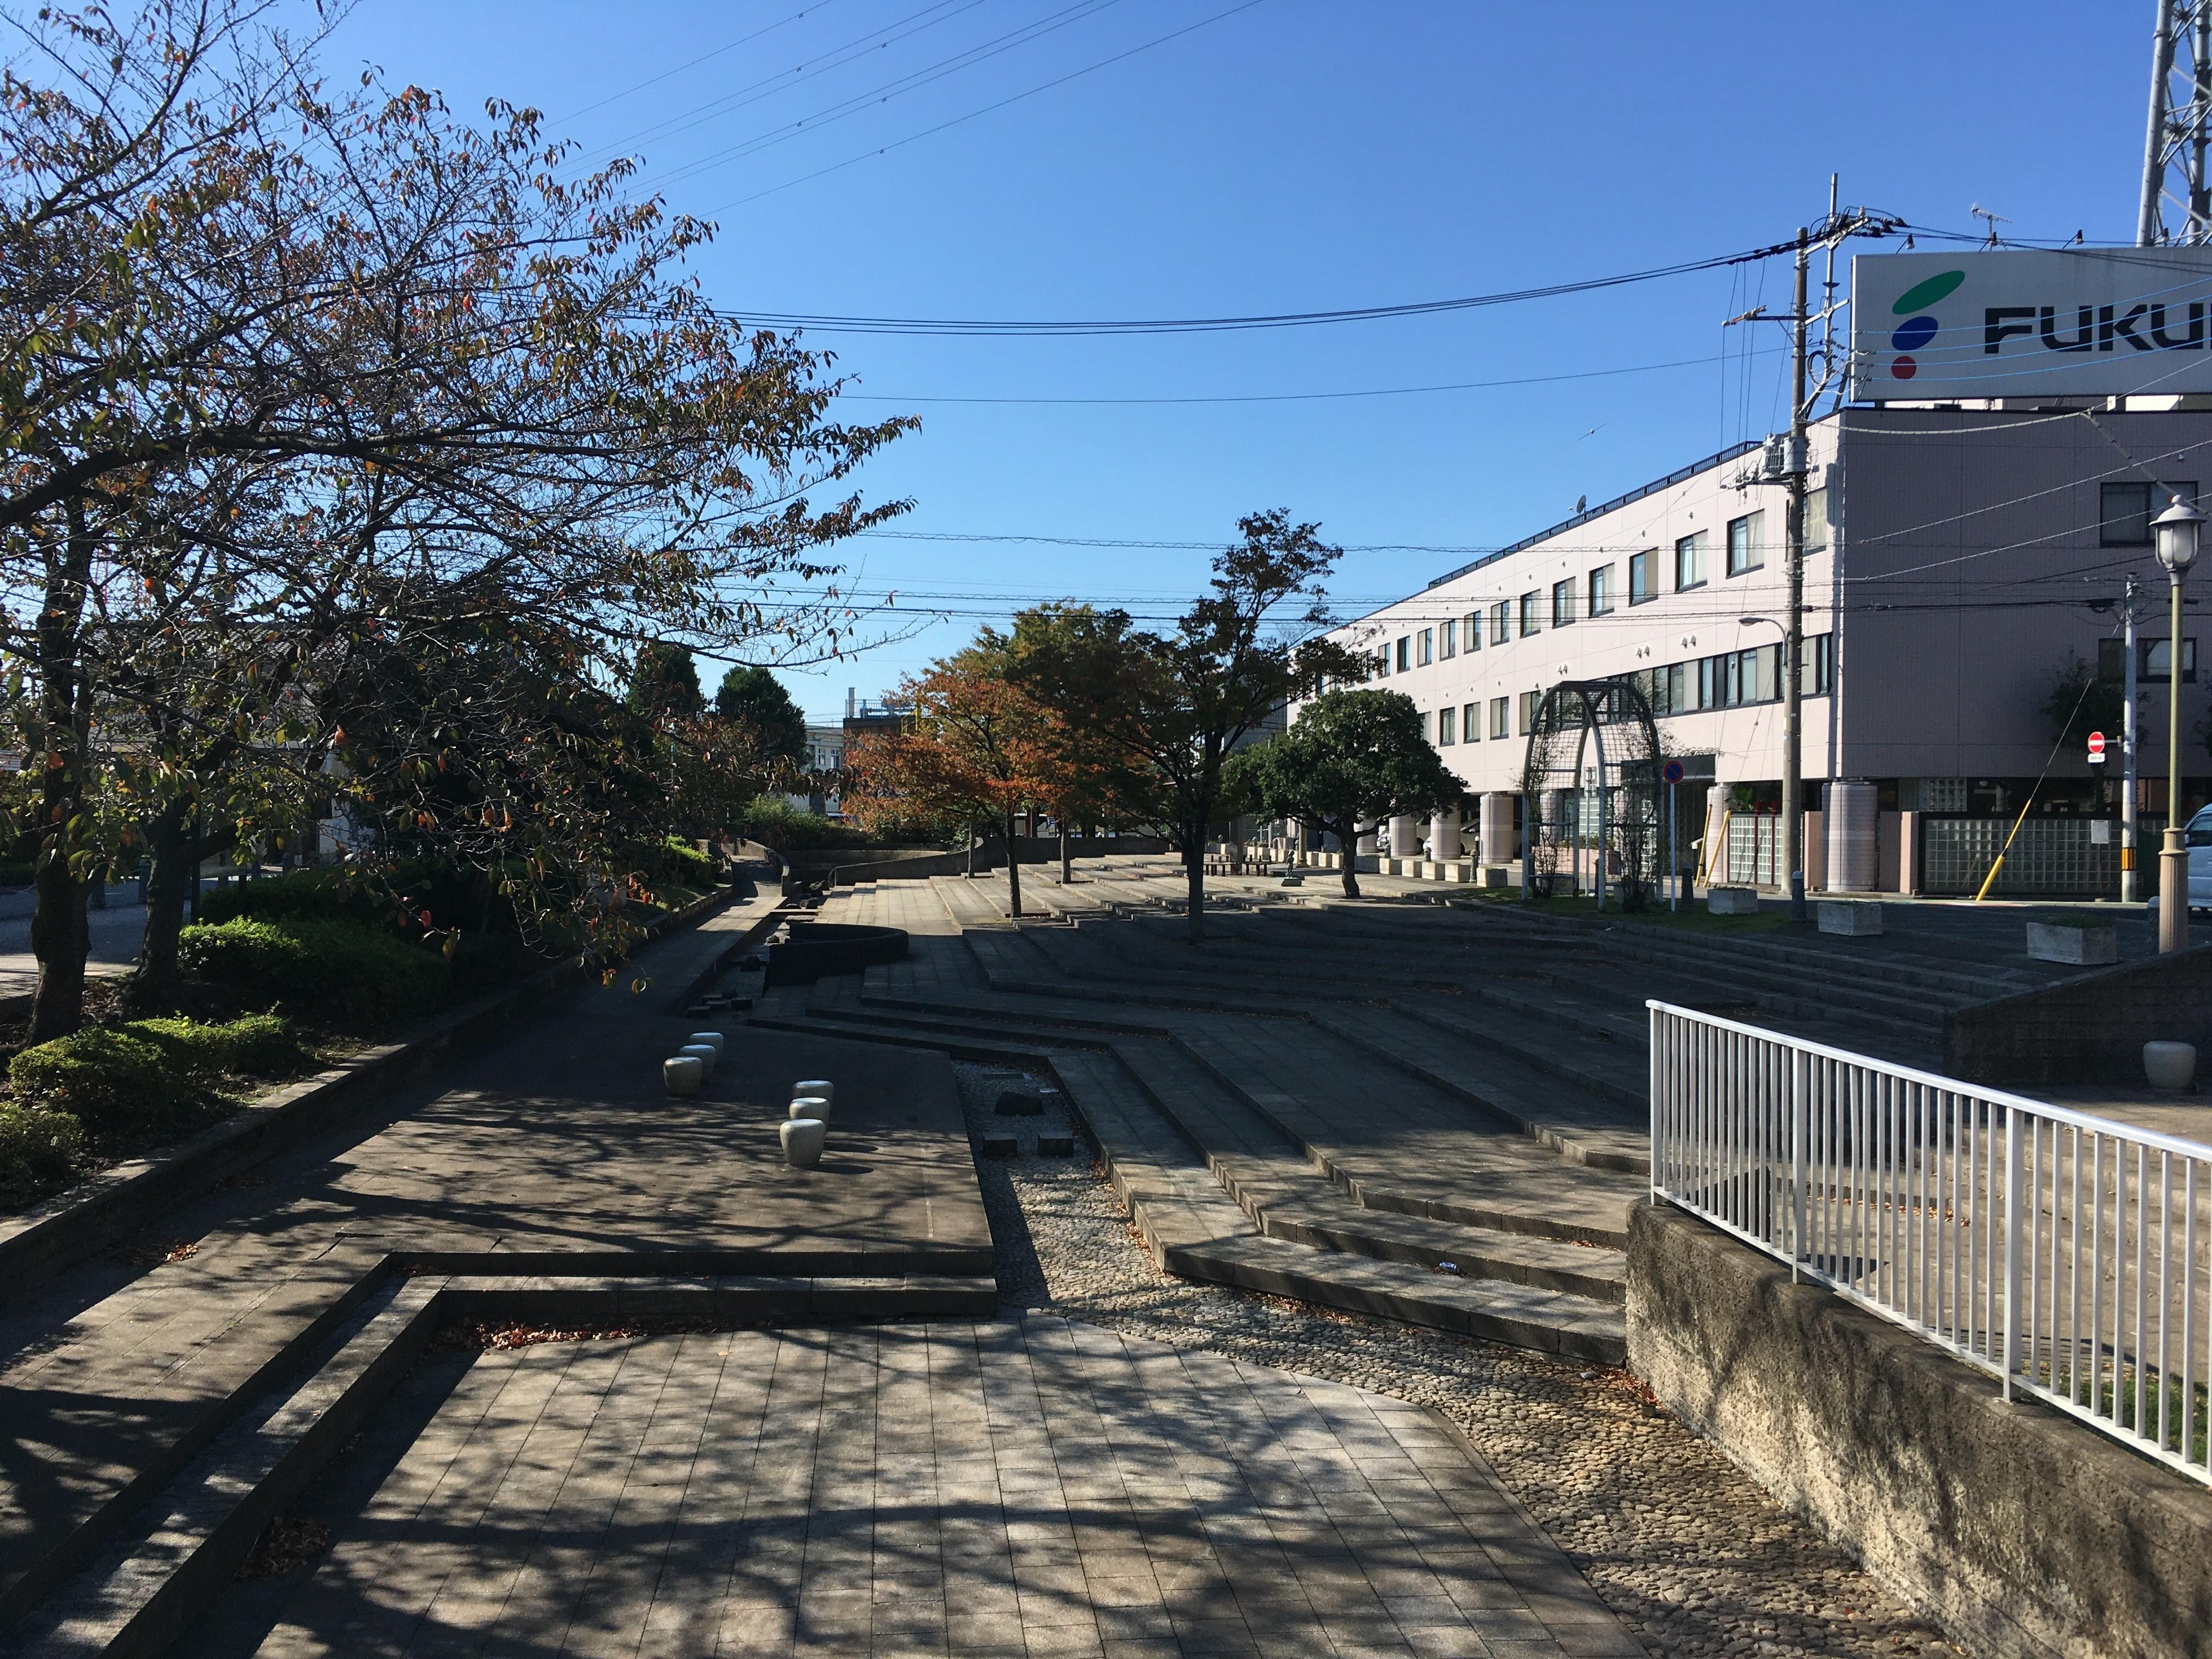 三代目戸田橋の親柱周辺